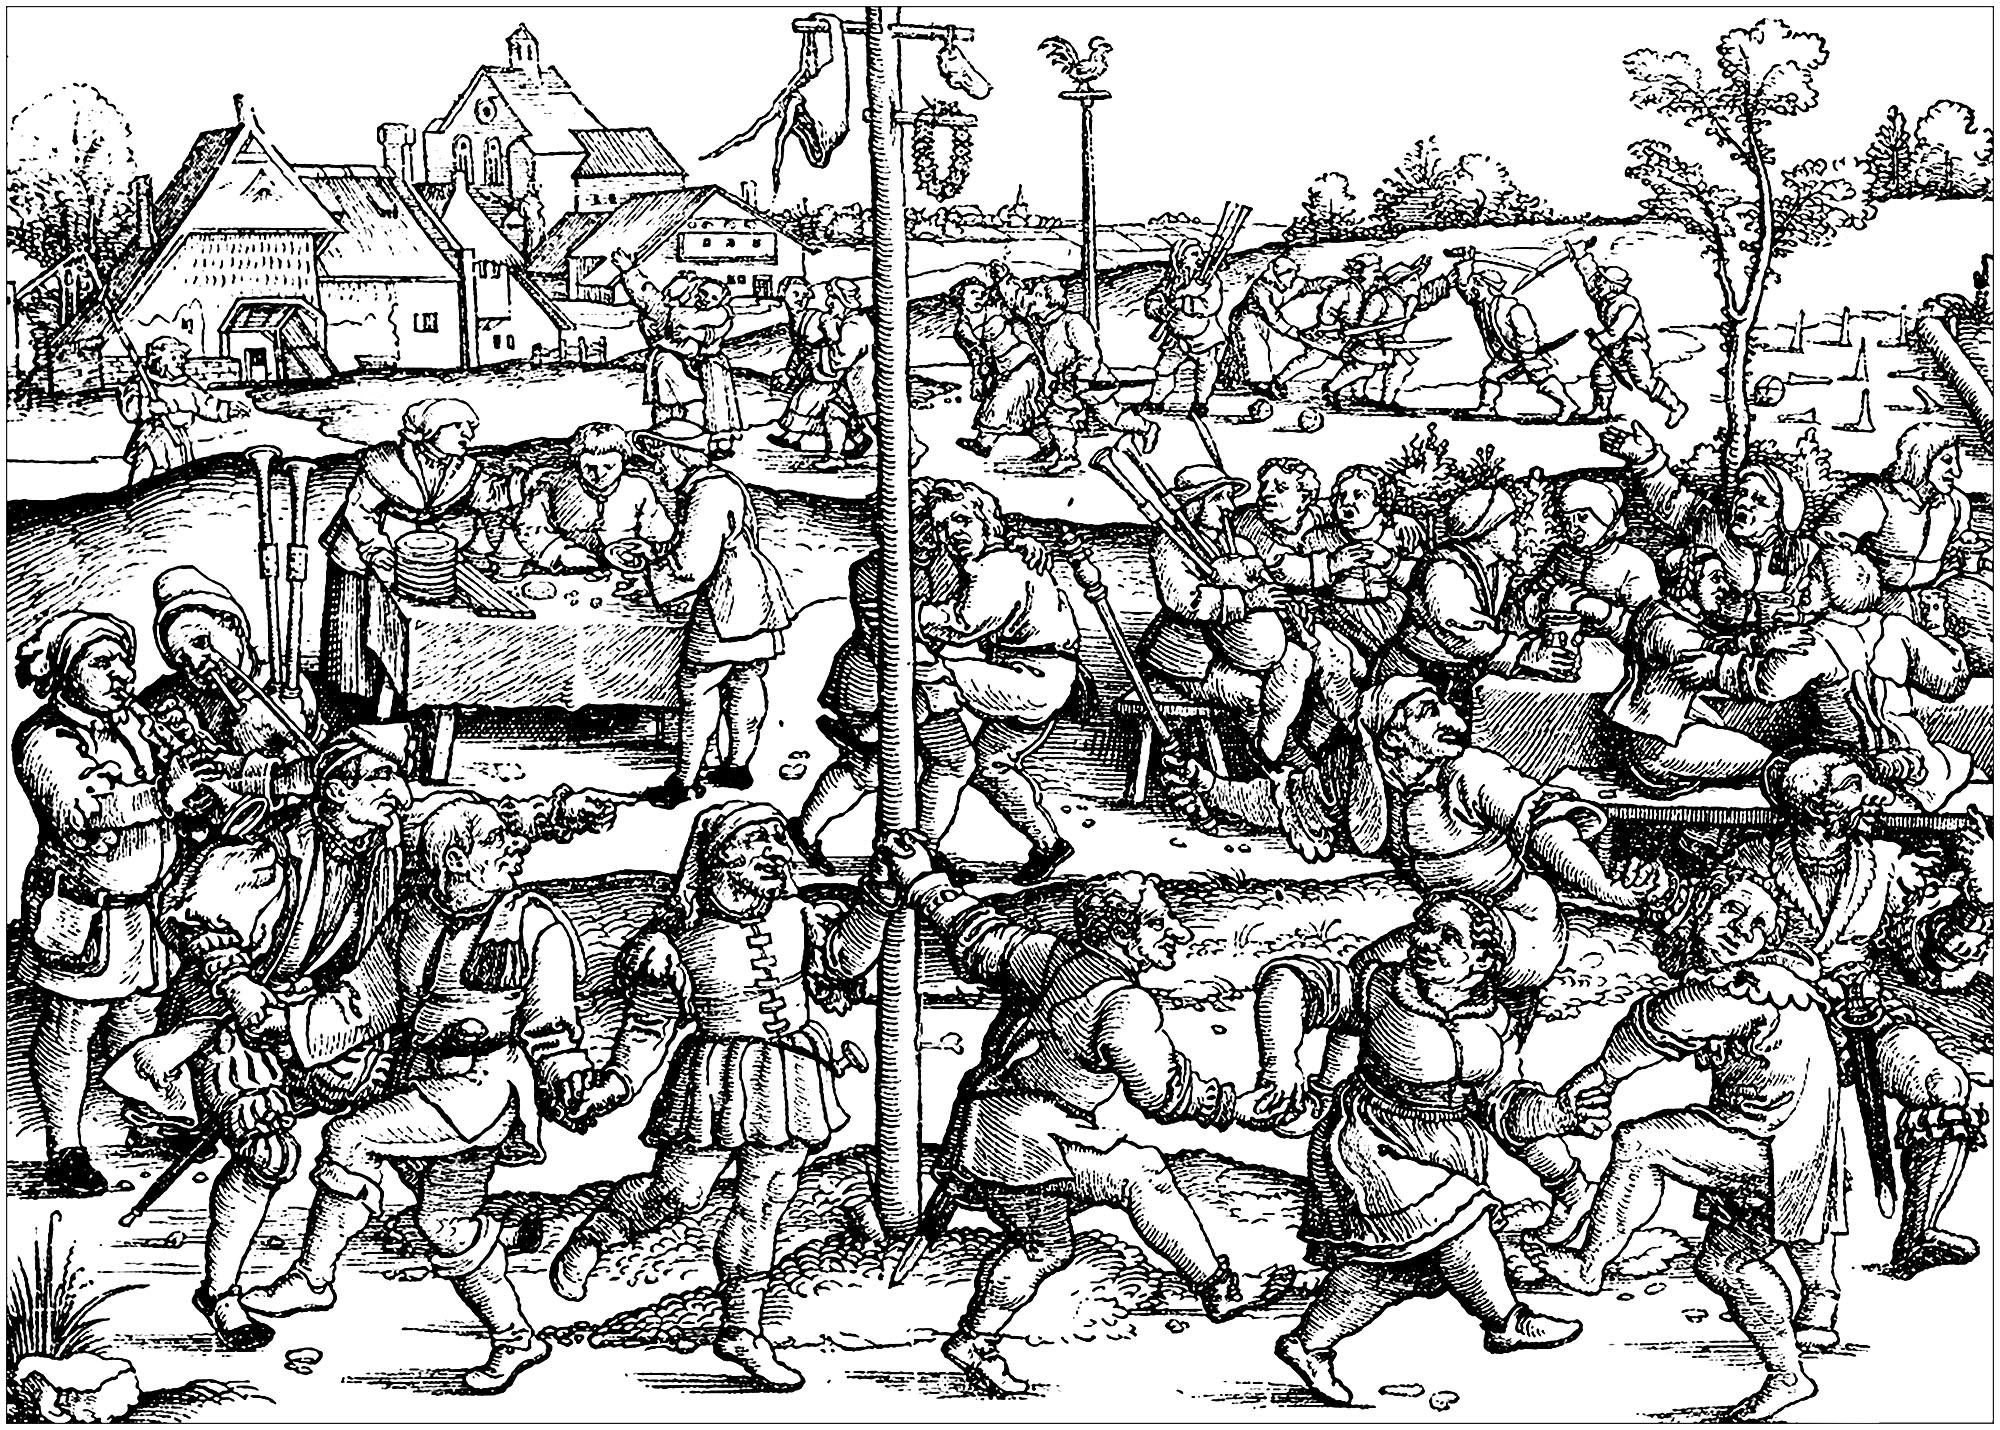 Paysans festoyant au Moyen-Âge (à partir d'une ancienne illustration)